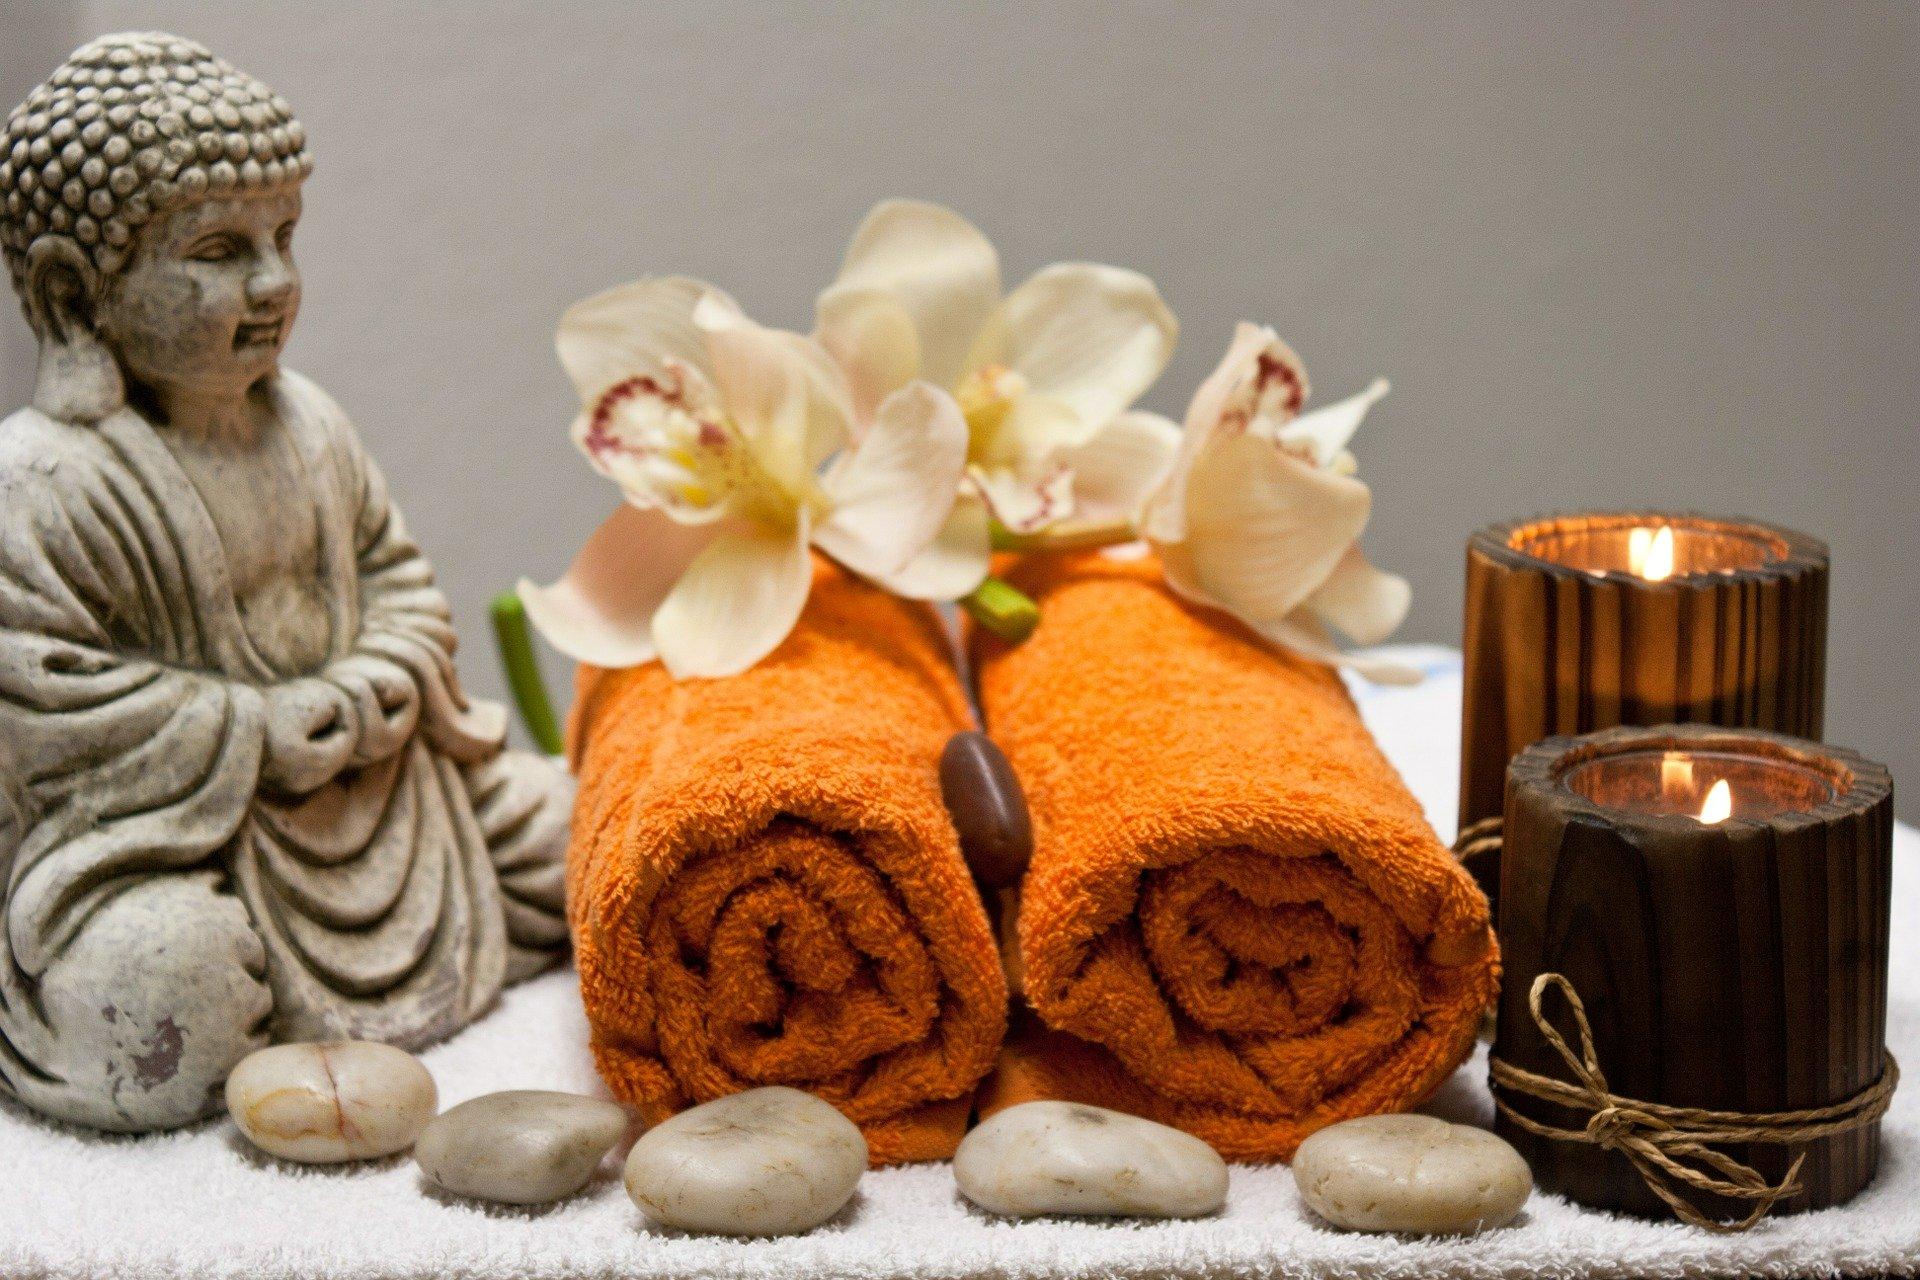 Massagen sind gut für die Gesundheit und reduzieren Stress.